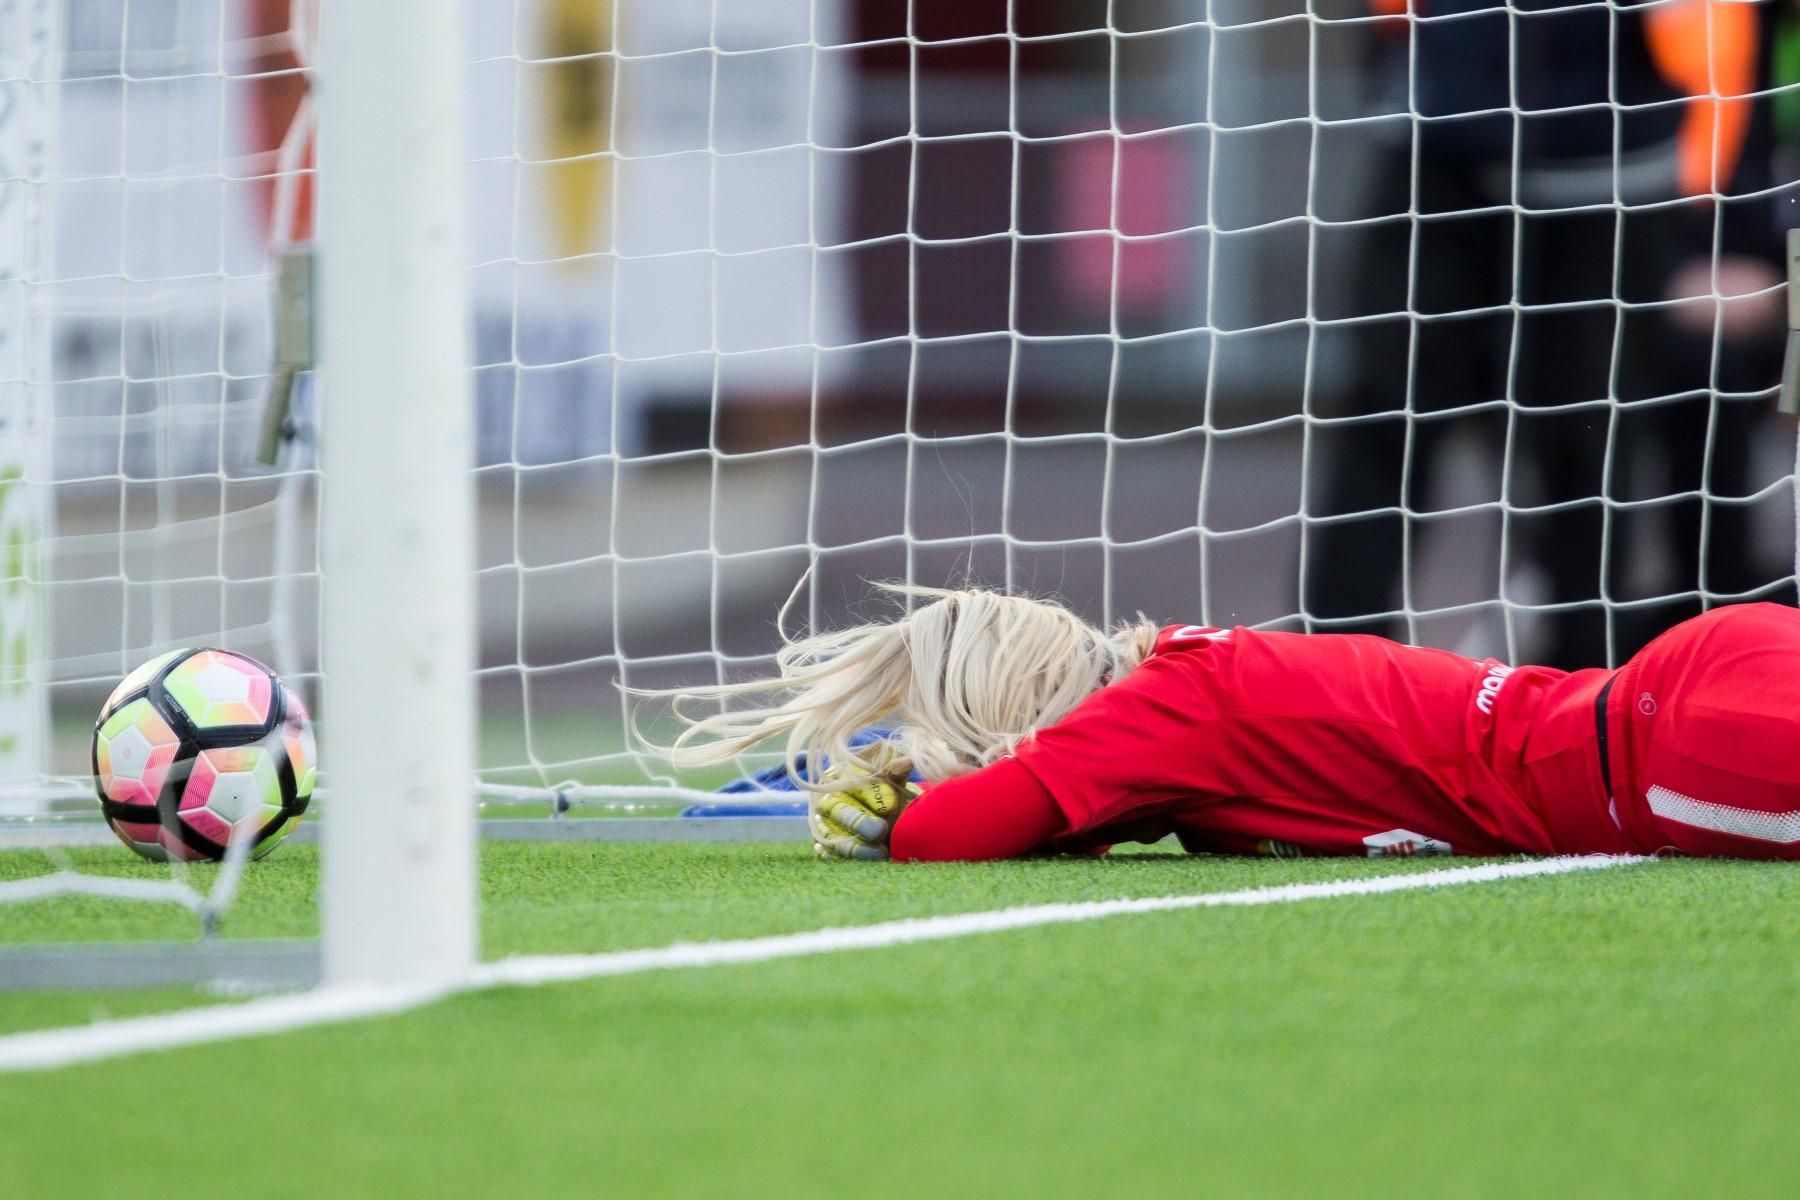 17 april, Eskilstuna United-HIF 1-0 I seriepremiären stod Hammarby upp betydligt bättre än i den föregående försäsongsmatchen. Emma Holmgren gjorde dock ett av få misstag denna säsong i 50:e minuten; topplaget avgjorde med ett distansskott.